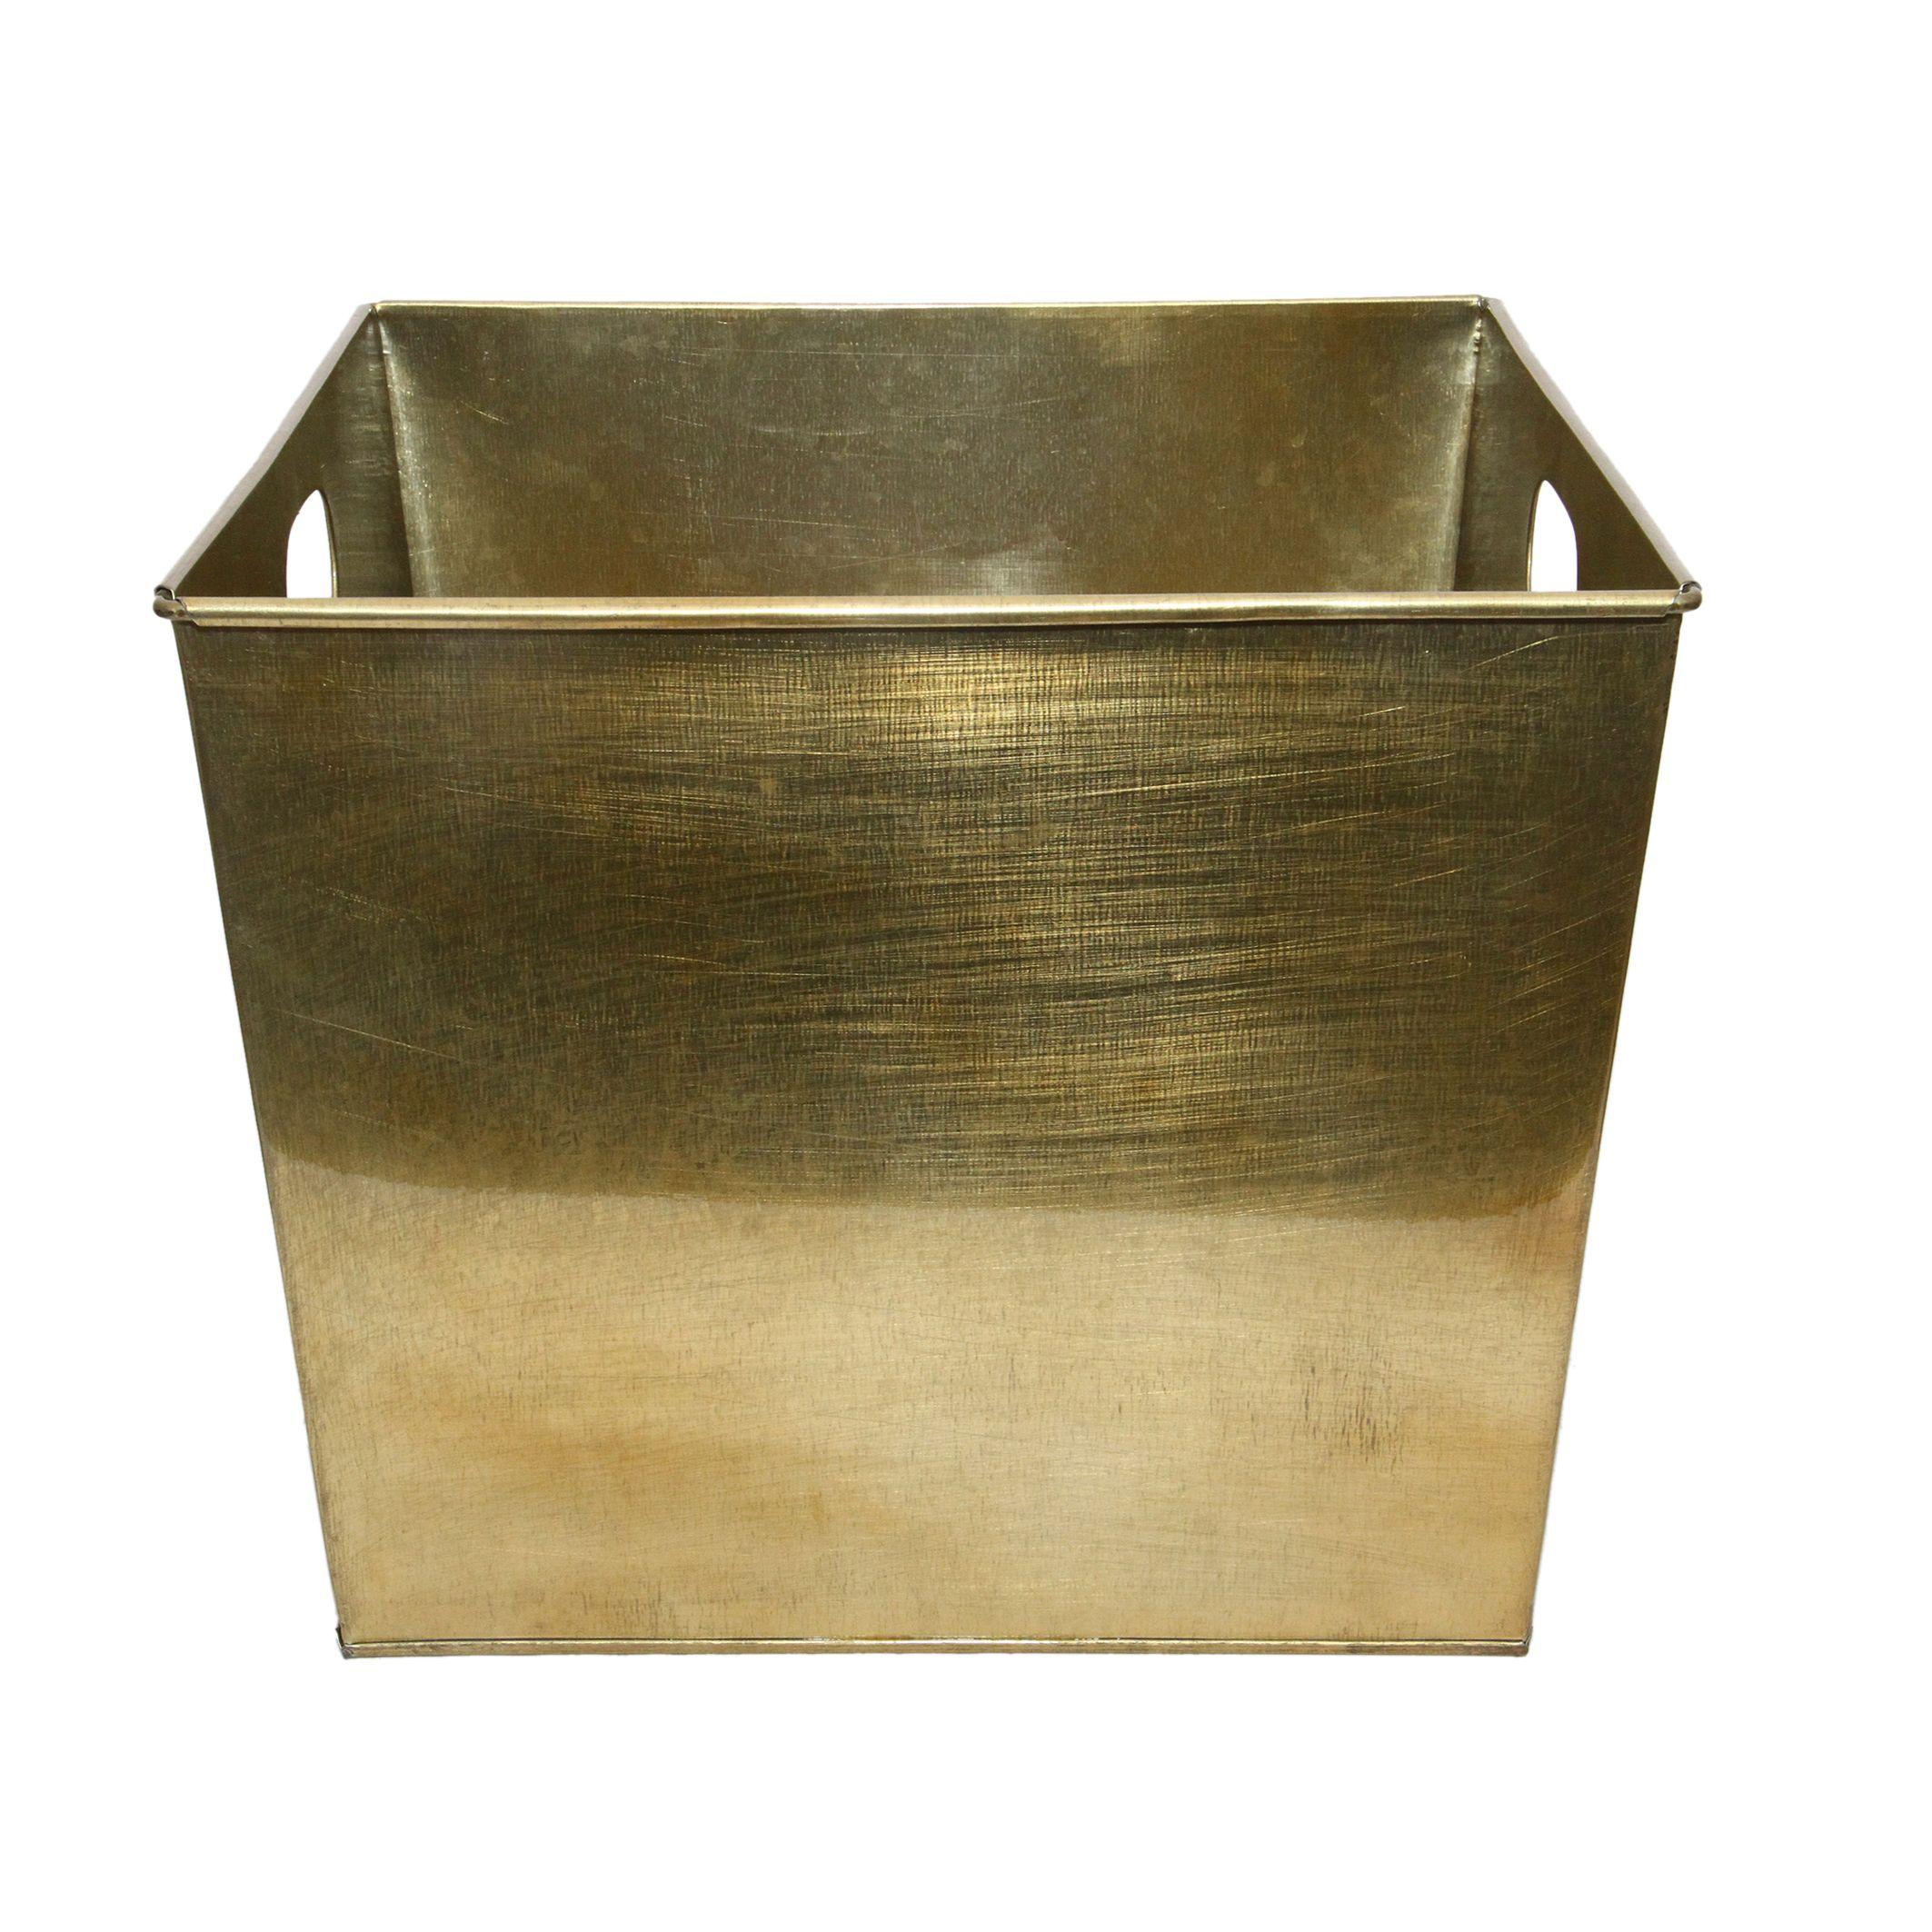 Ferrum Galvanized 15-inch x 15-inch x 12.5-inch Handled Tub